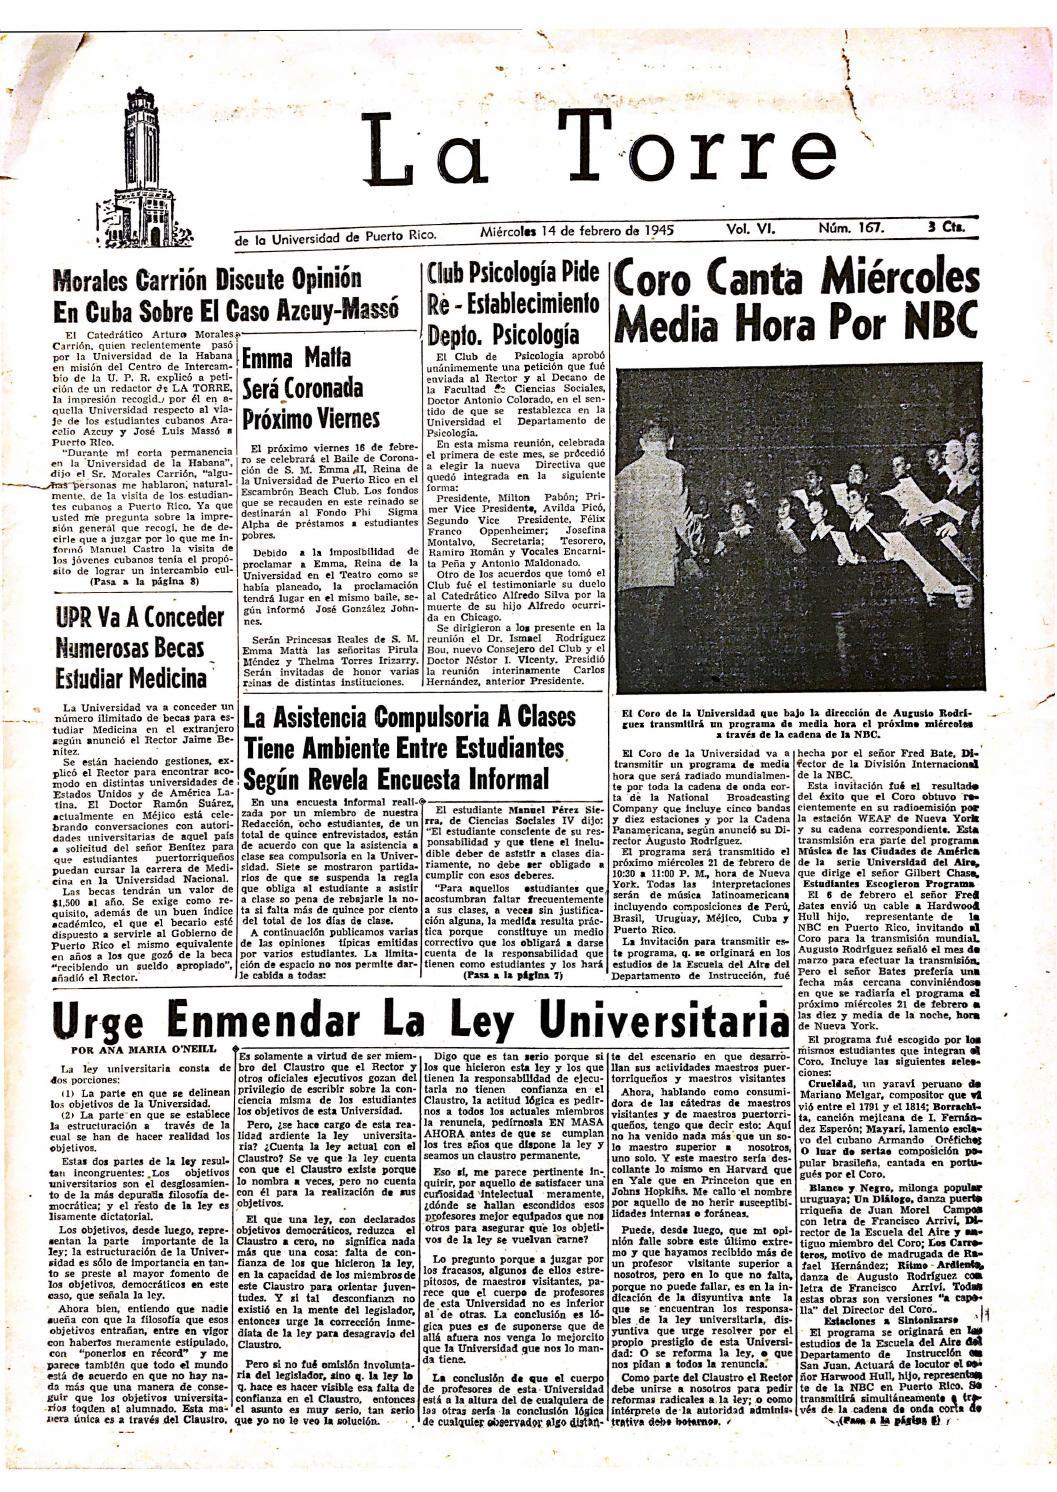 La Torre by Colección Puertorriqueña UPR RP - issuu